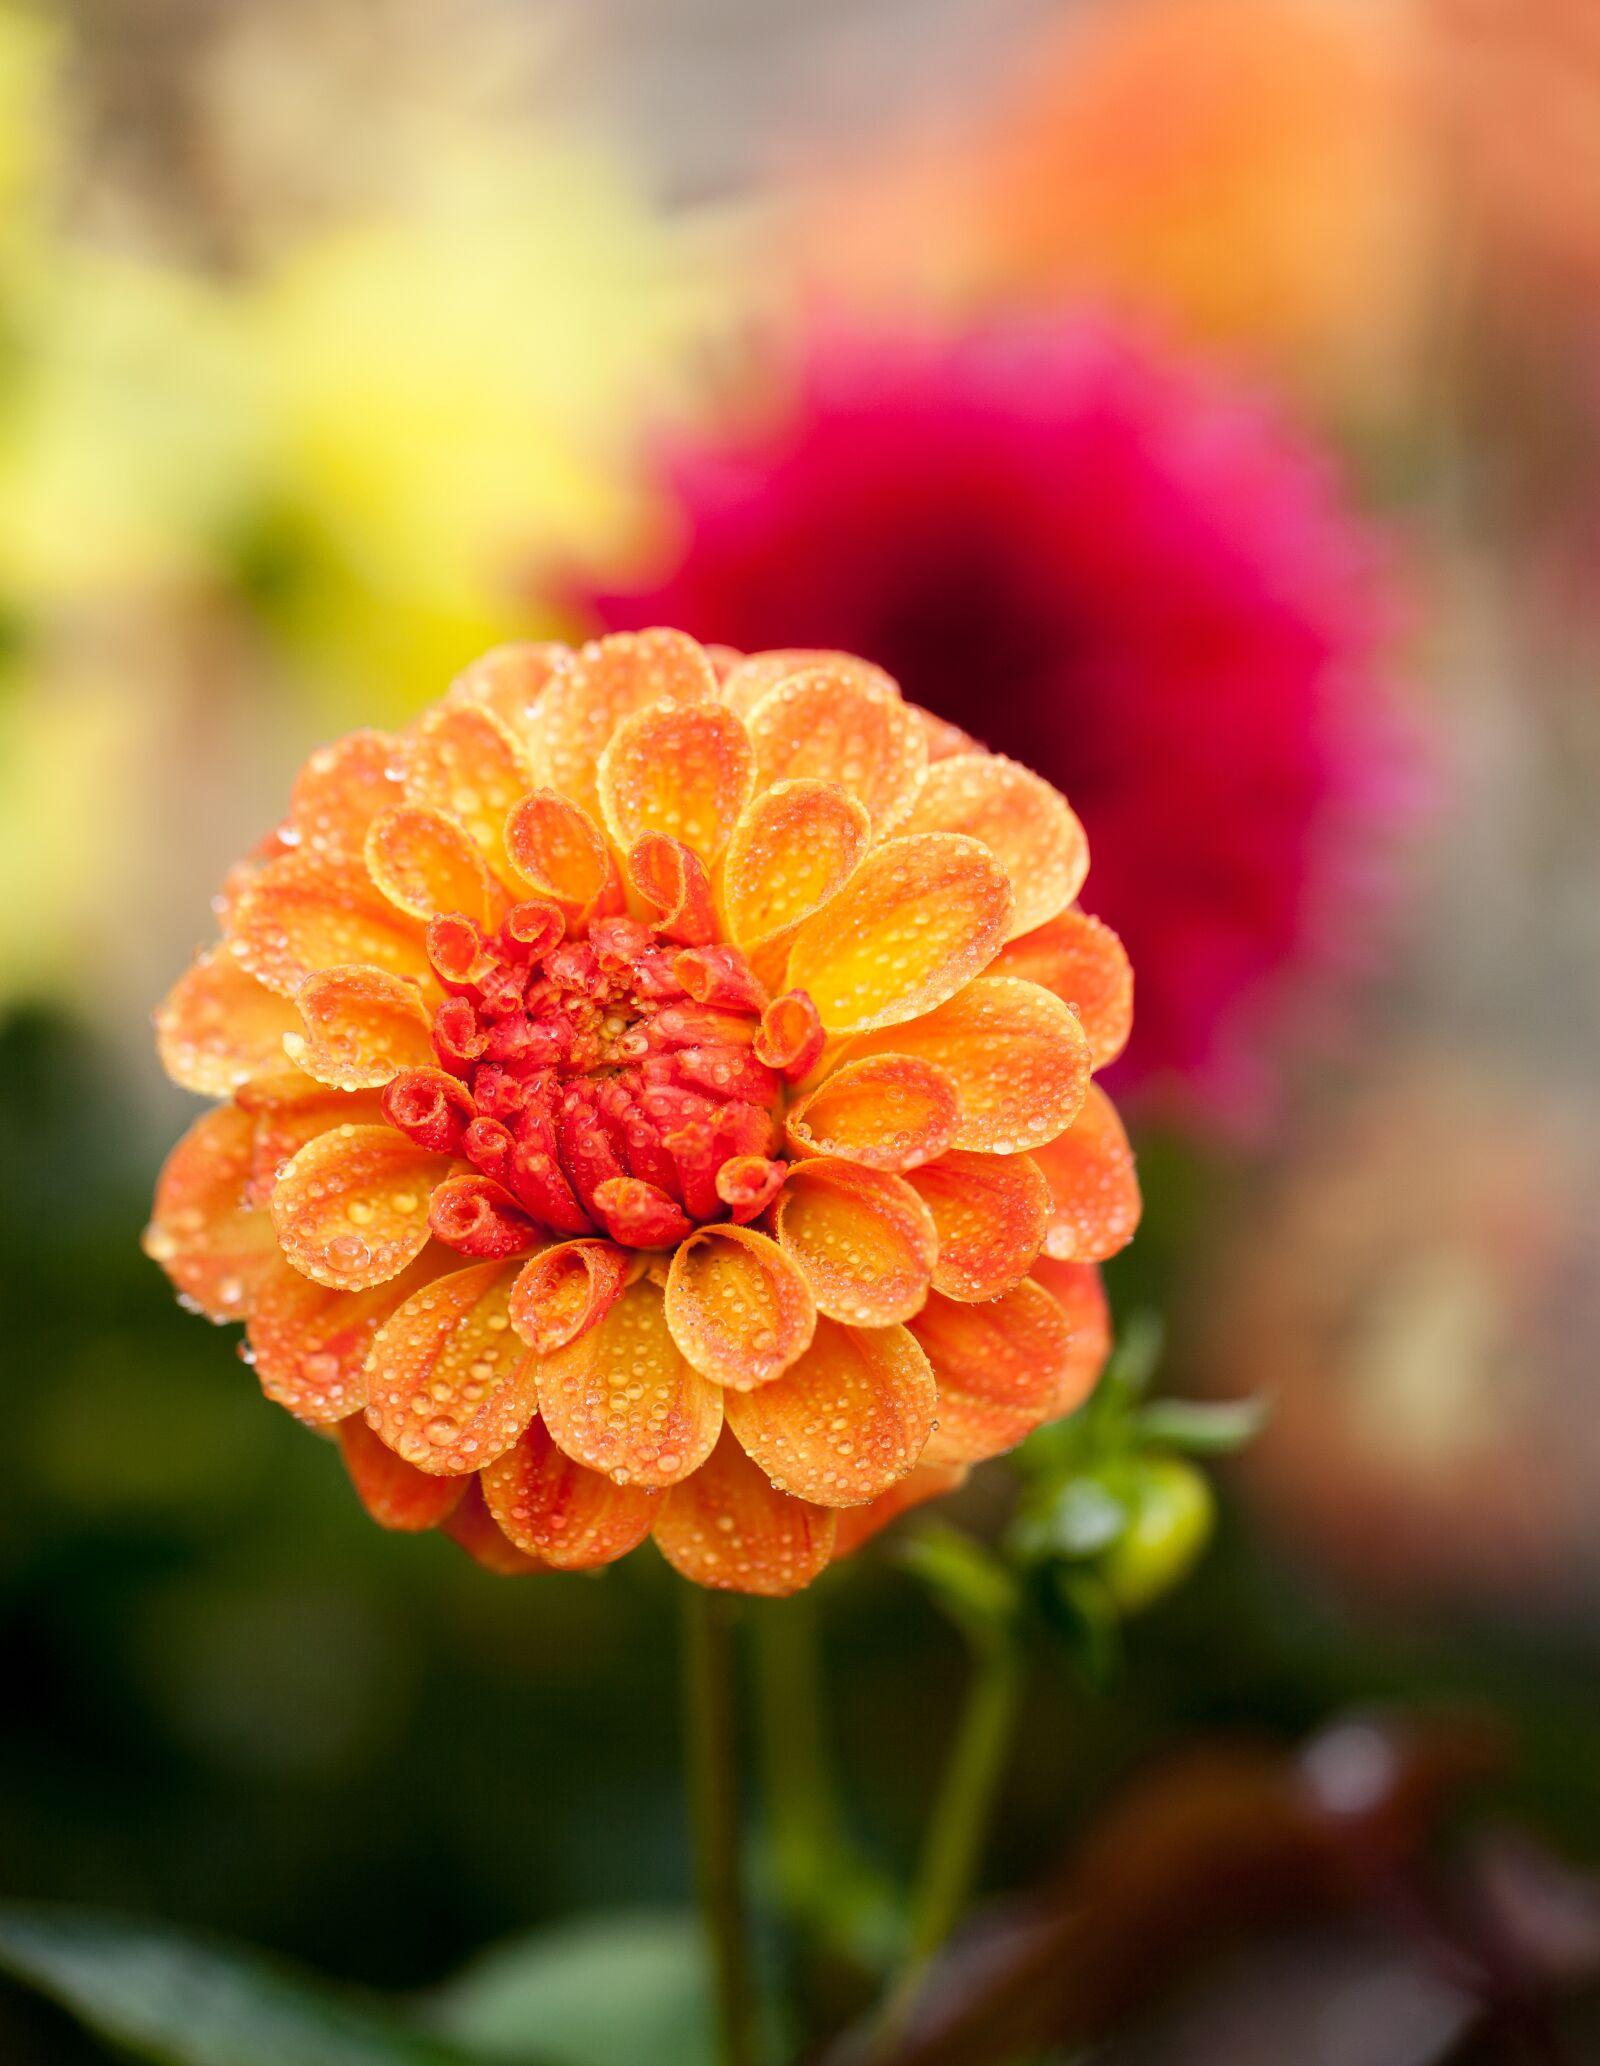 """Canon EOS 5D Mark II sample photo. """"Dahlia, blossom, flower"""" photography"""